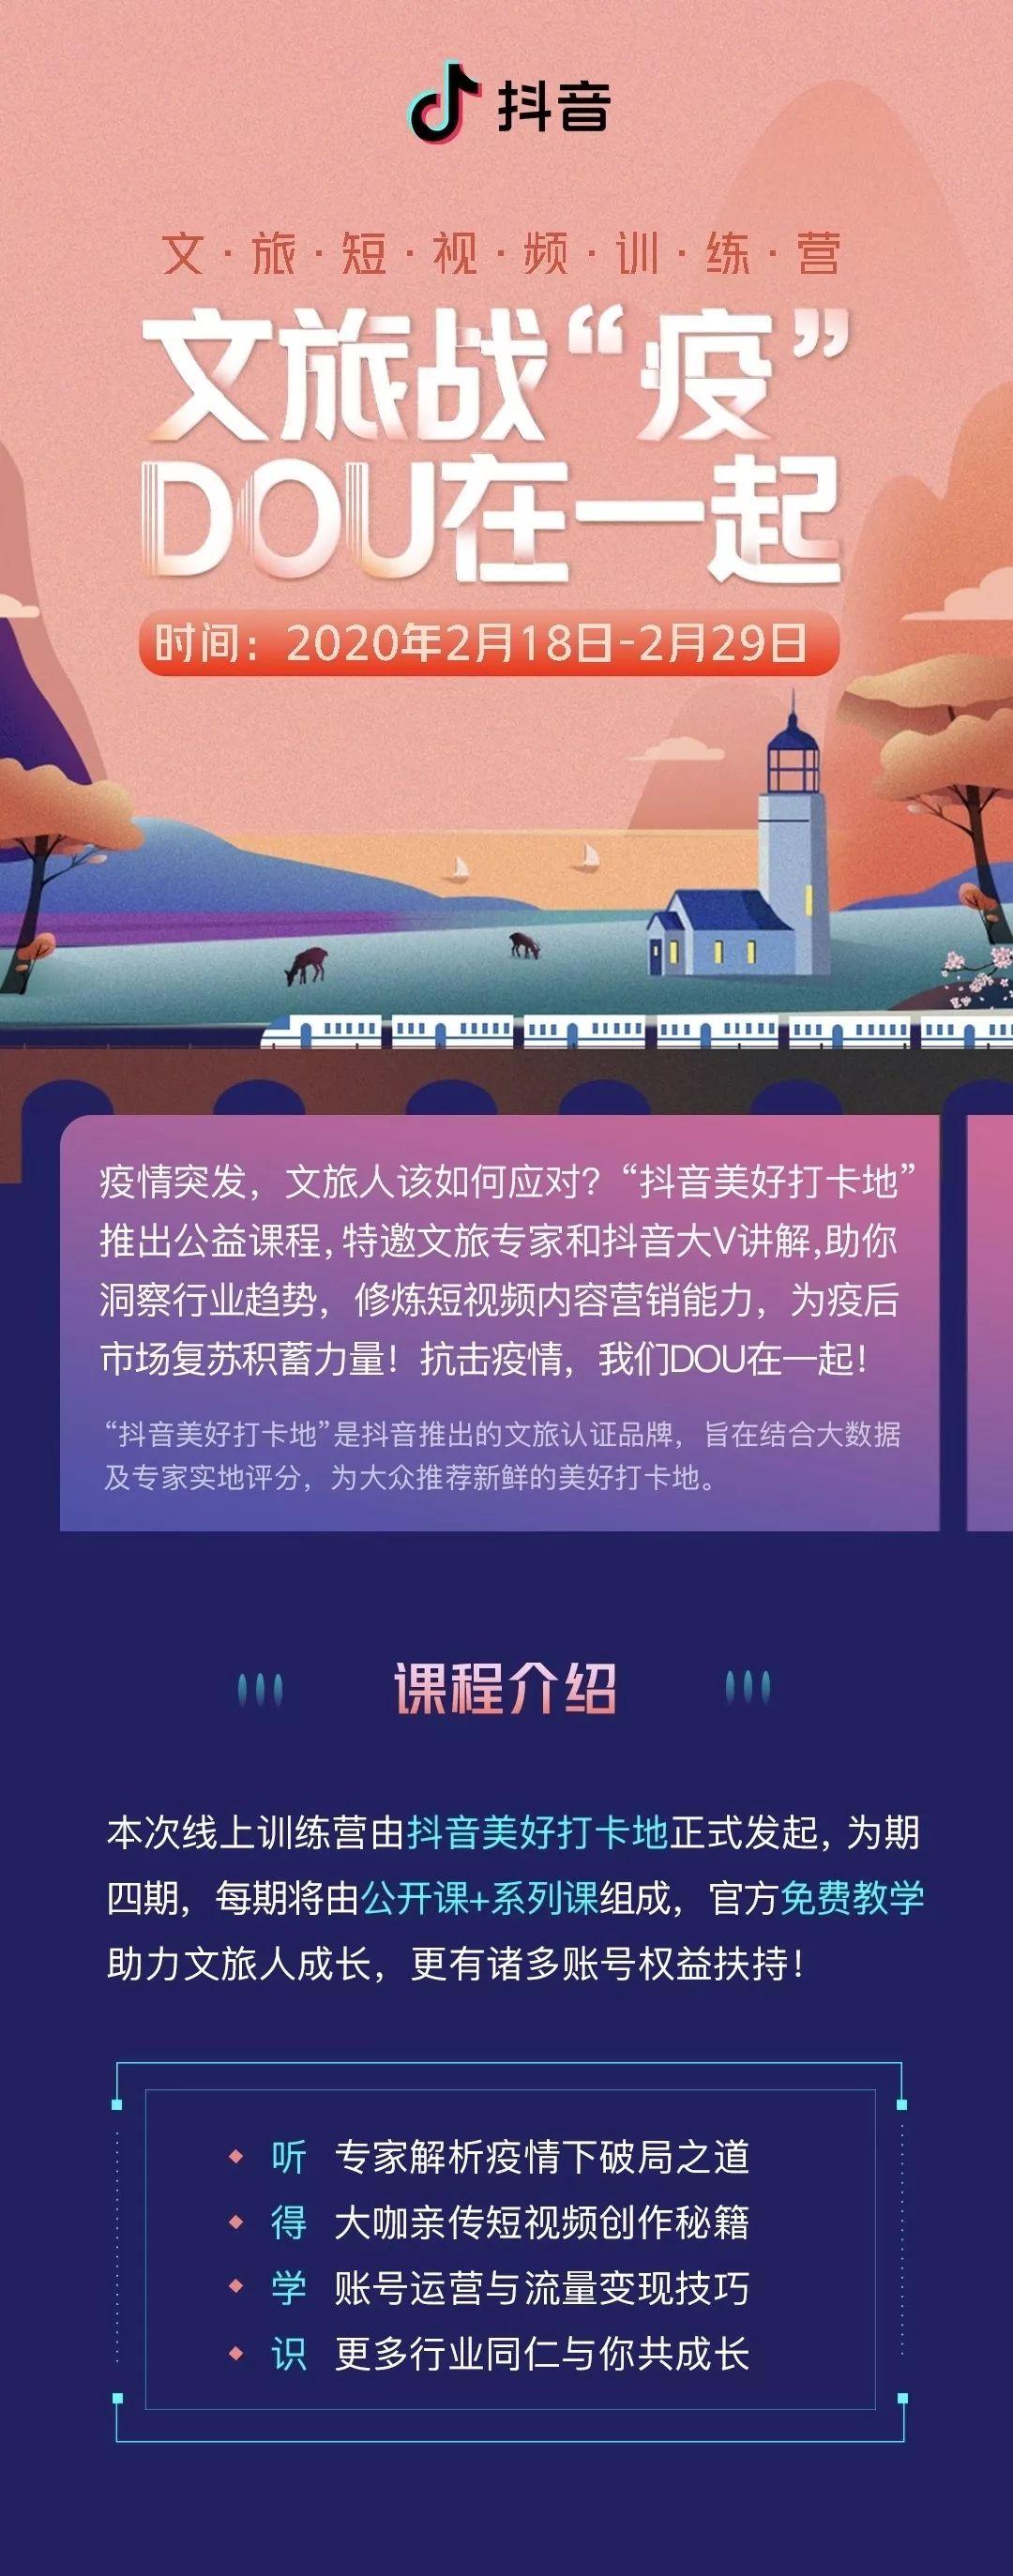 """抖音宣布发起""""文旅短视频训练营""""公益培训计划"""